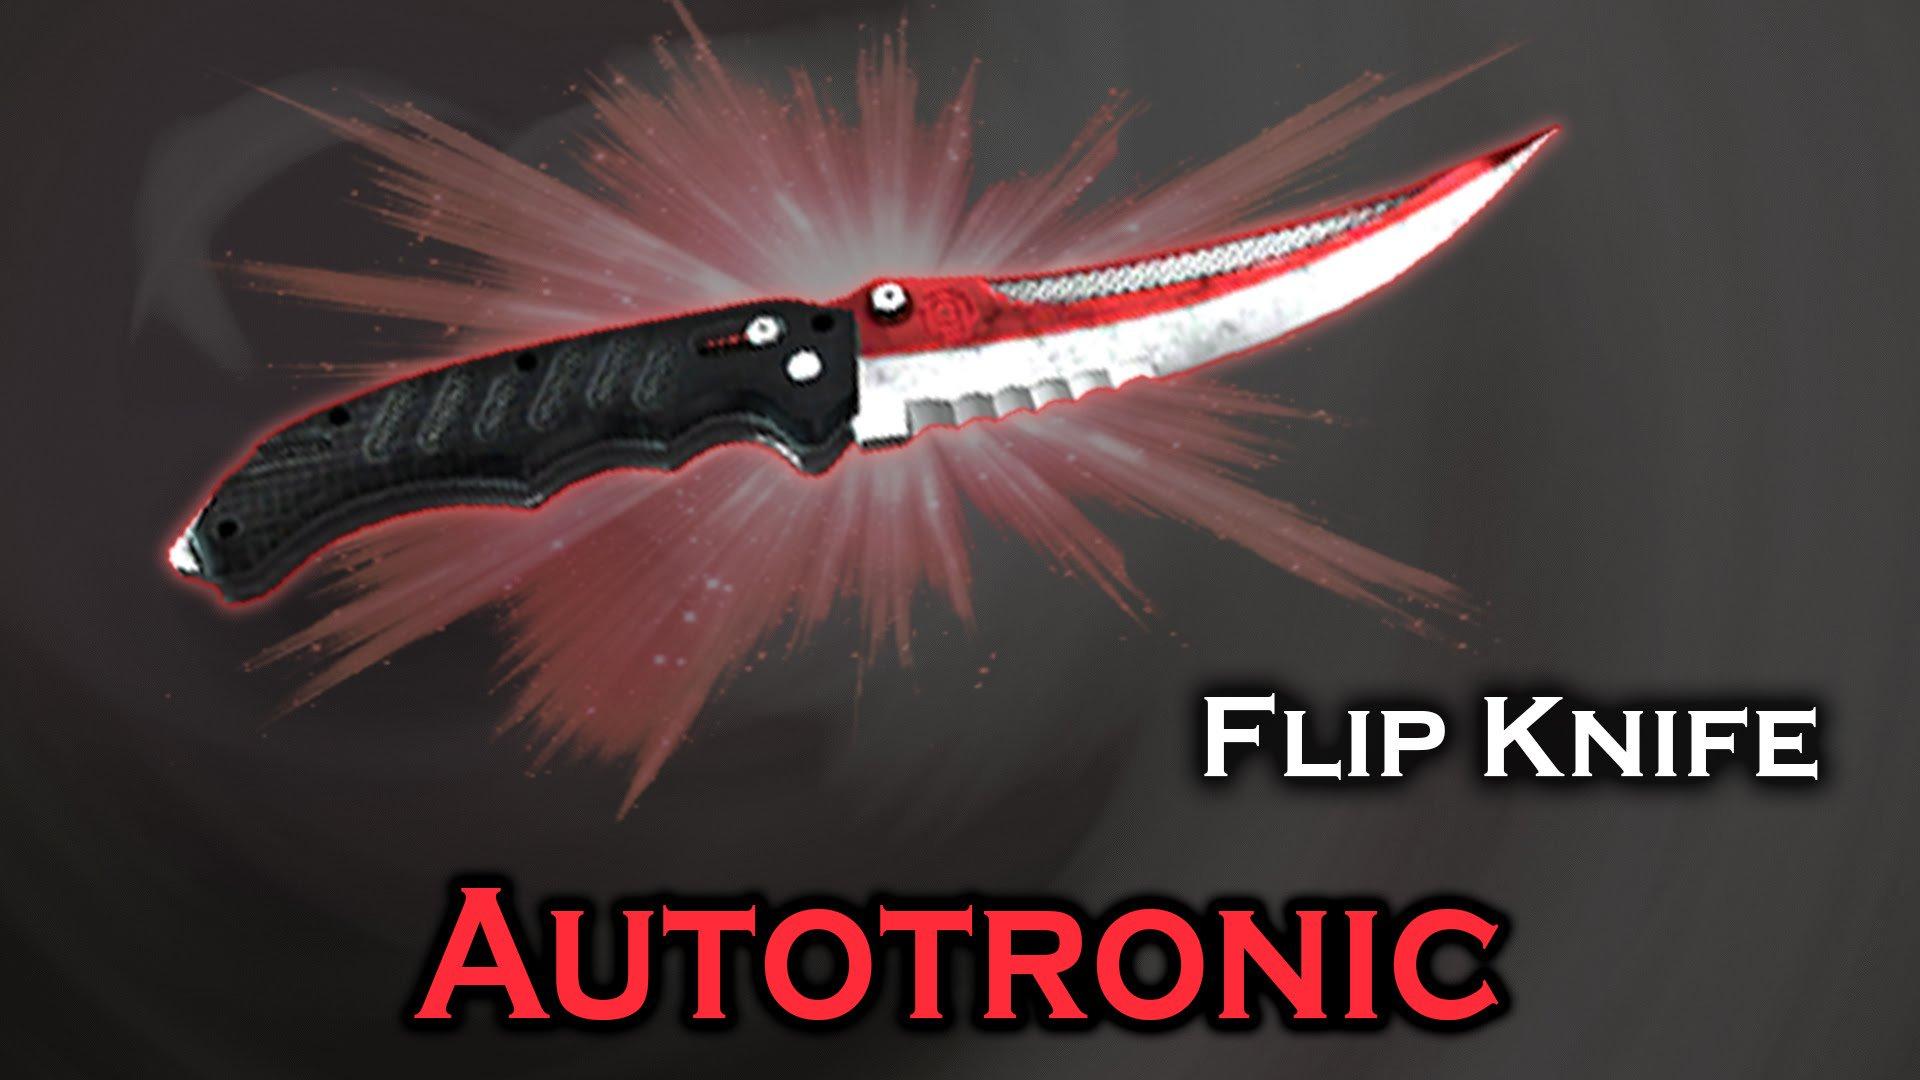 Flip knife autotronic cef connection problem csgo